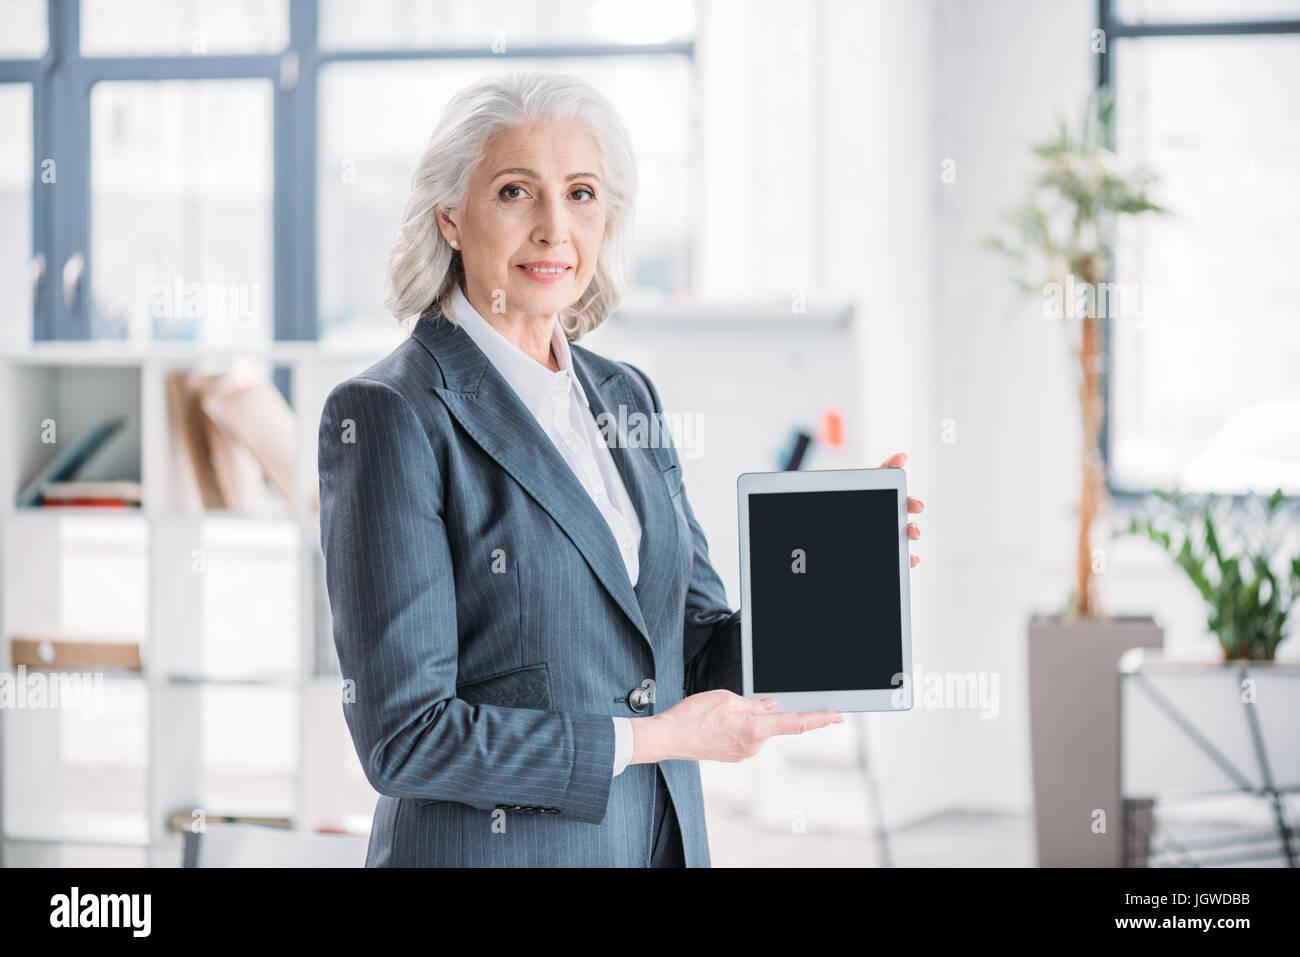 Sorridente imprenditrice senior in piedi in ufficio e azienda tavoletta digitale con schermo vuoto Immagini Stock